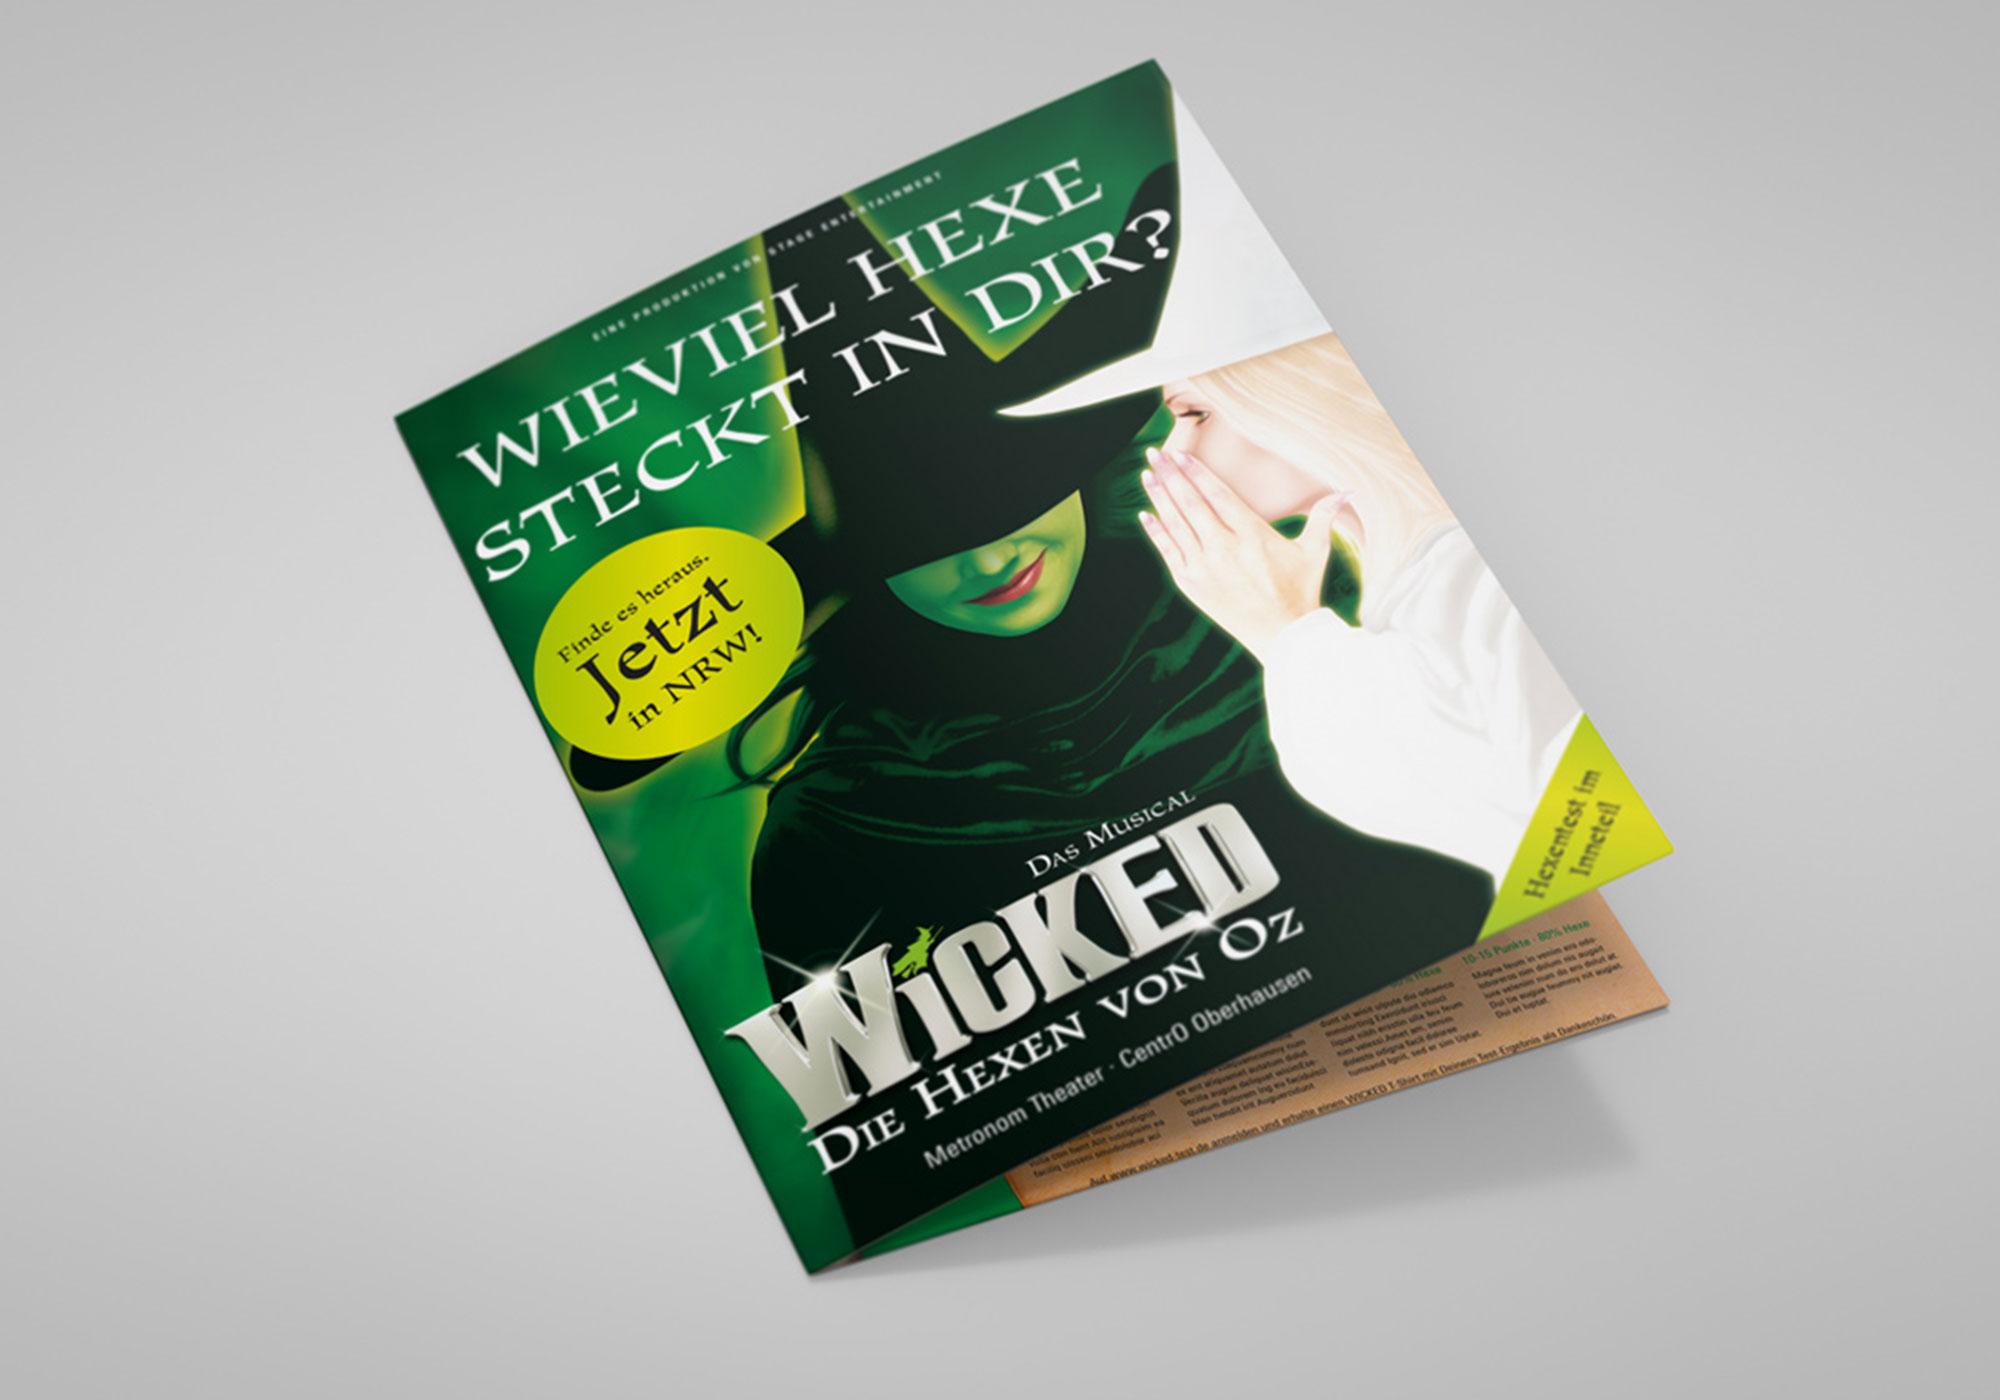 002_Wicked_Folder